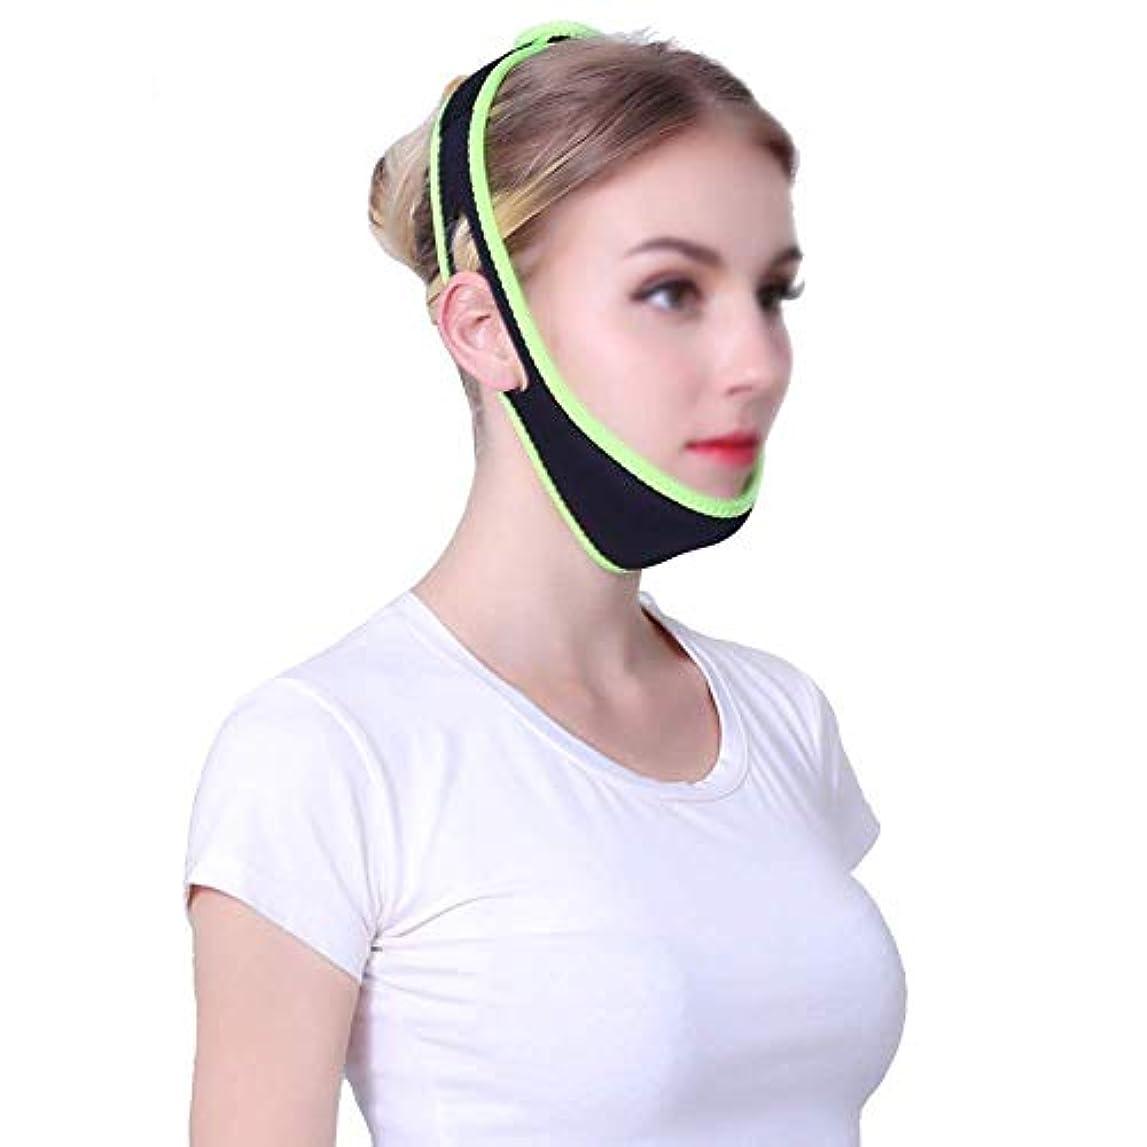 見る抑圧者指紋引き締めフェイスマスク、小さなVフェイスアーティファクト睡眠リフティングマスク付き薄型フェイスバンデージマスク引き締めクリームフェイスリフトフェイスメロンフェイス楽器